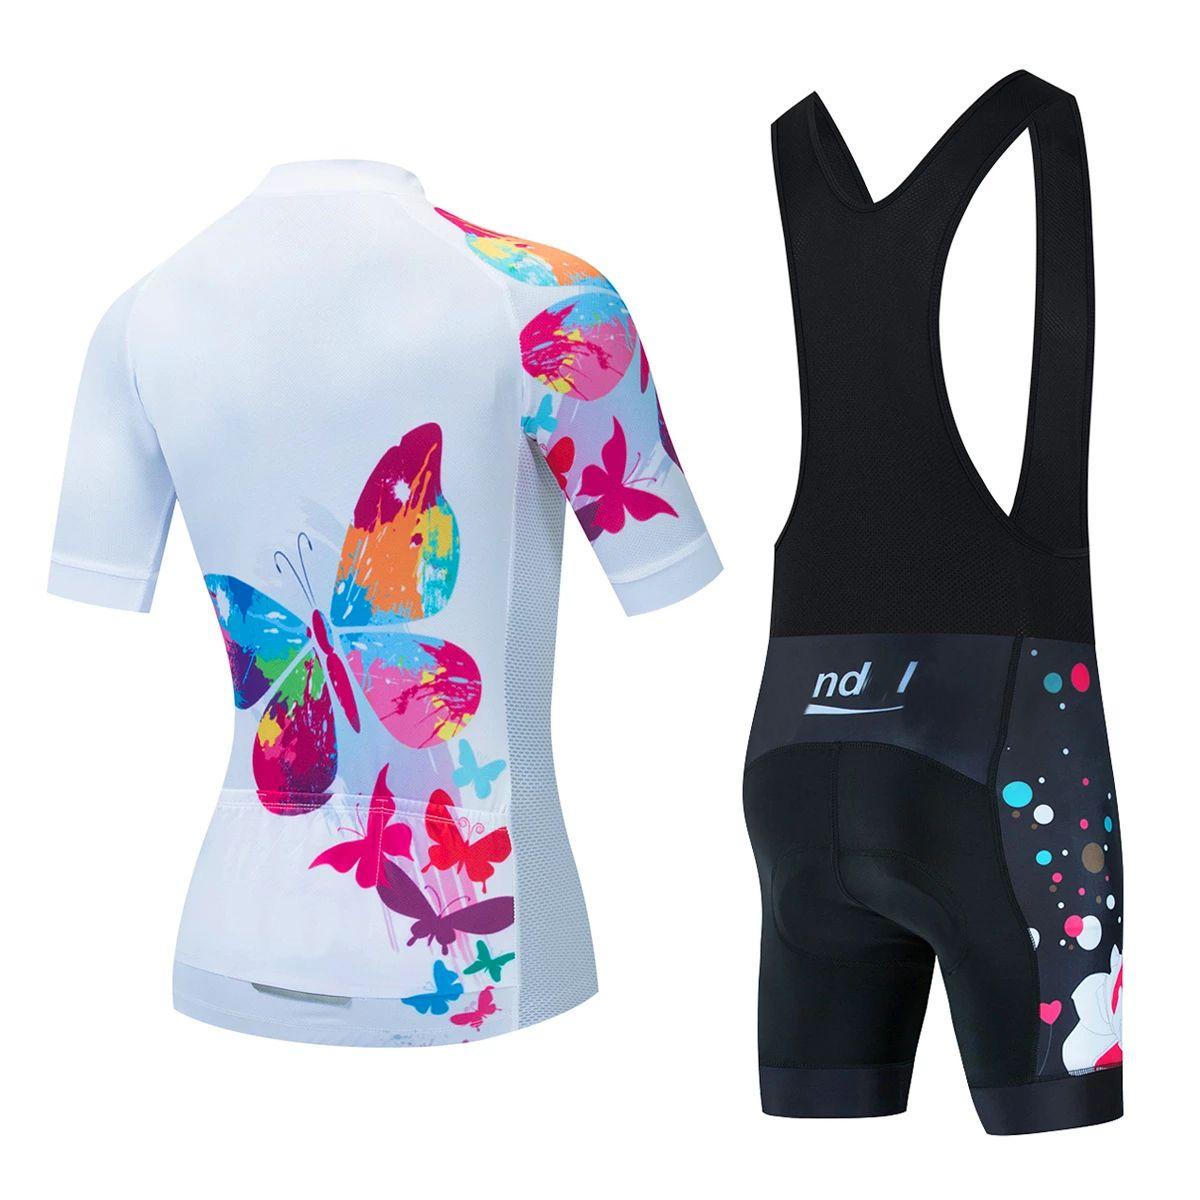 Женщины Велоспорт Одежда Велосипедная одежда Велоспорт Джерси Наборы